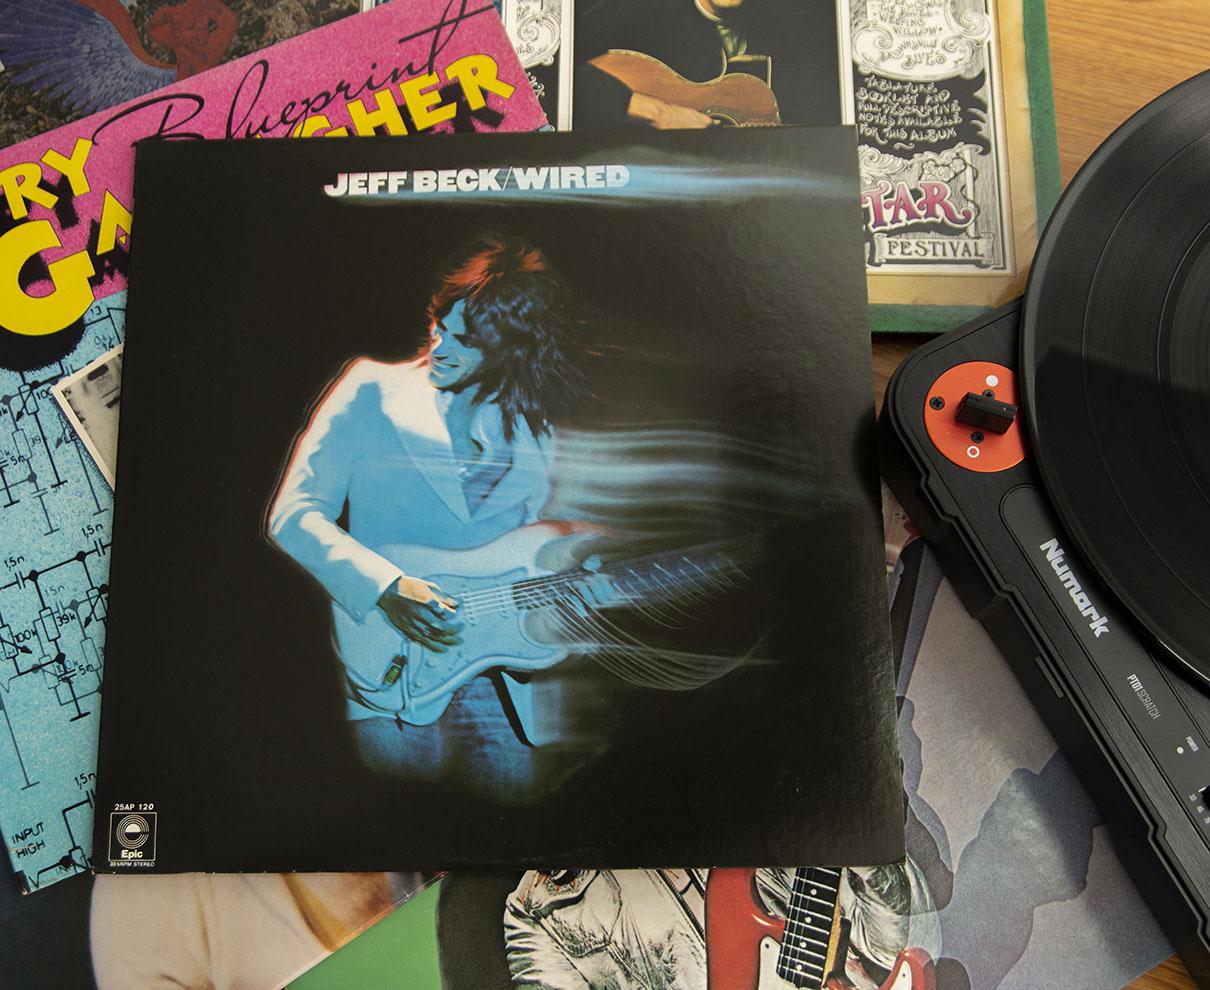 レコードの販売がCDを抜く! 今こそアナログで聴く珠玉のギターロック。